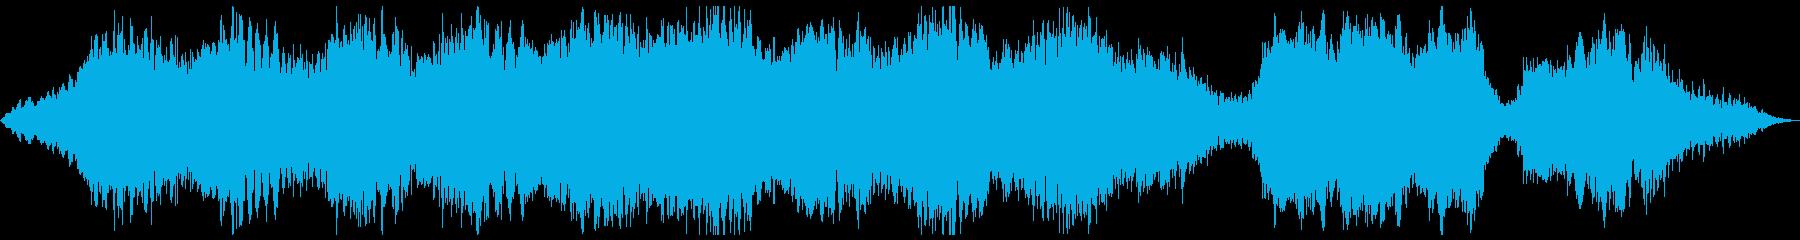 挑発的な東洋色のチェロラインは、こ...の再生済みの波形